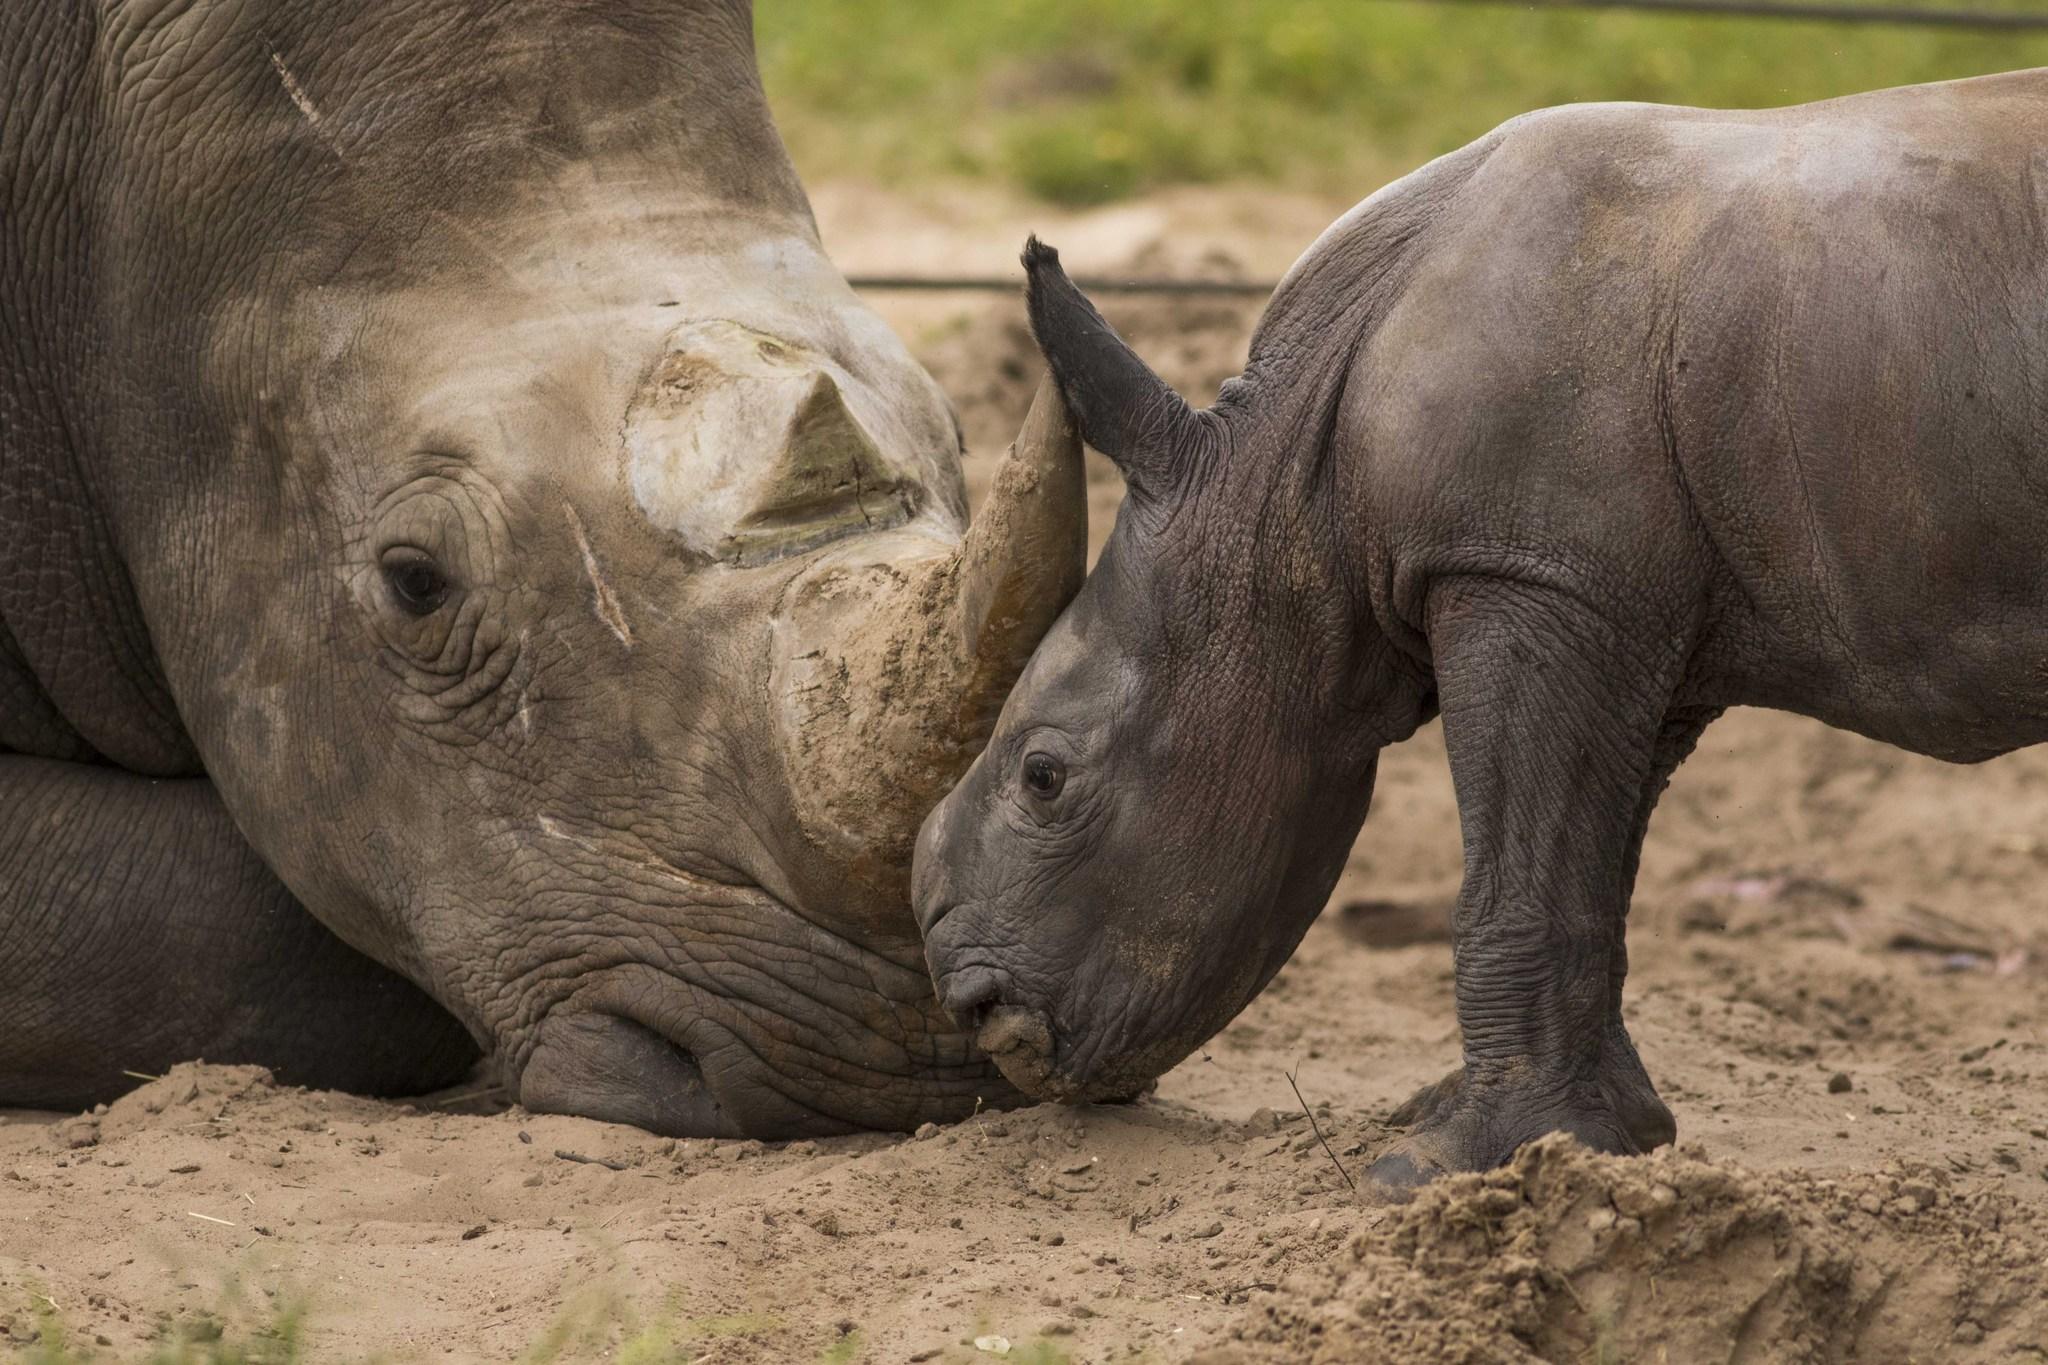 Busch Gardens: Help name baby rhino - Orlando Sentinel